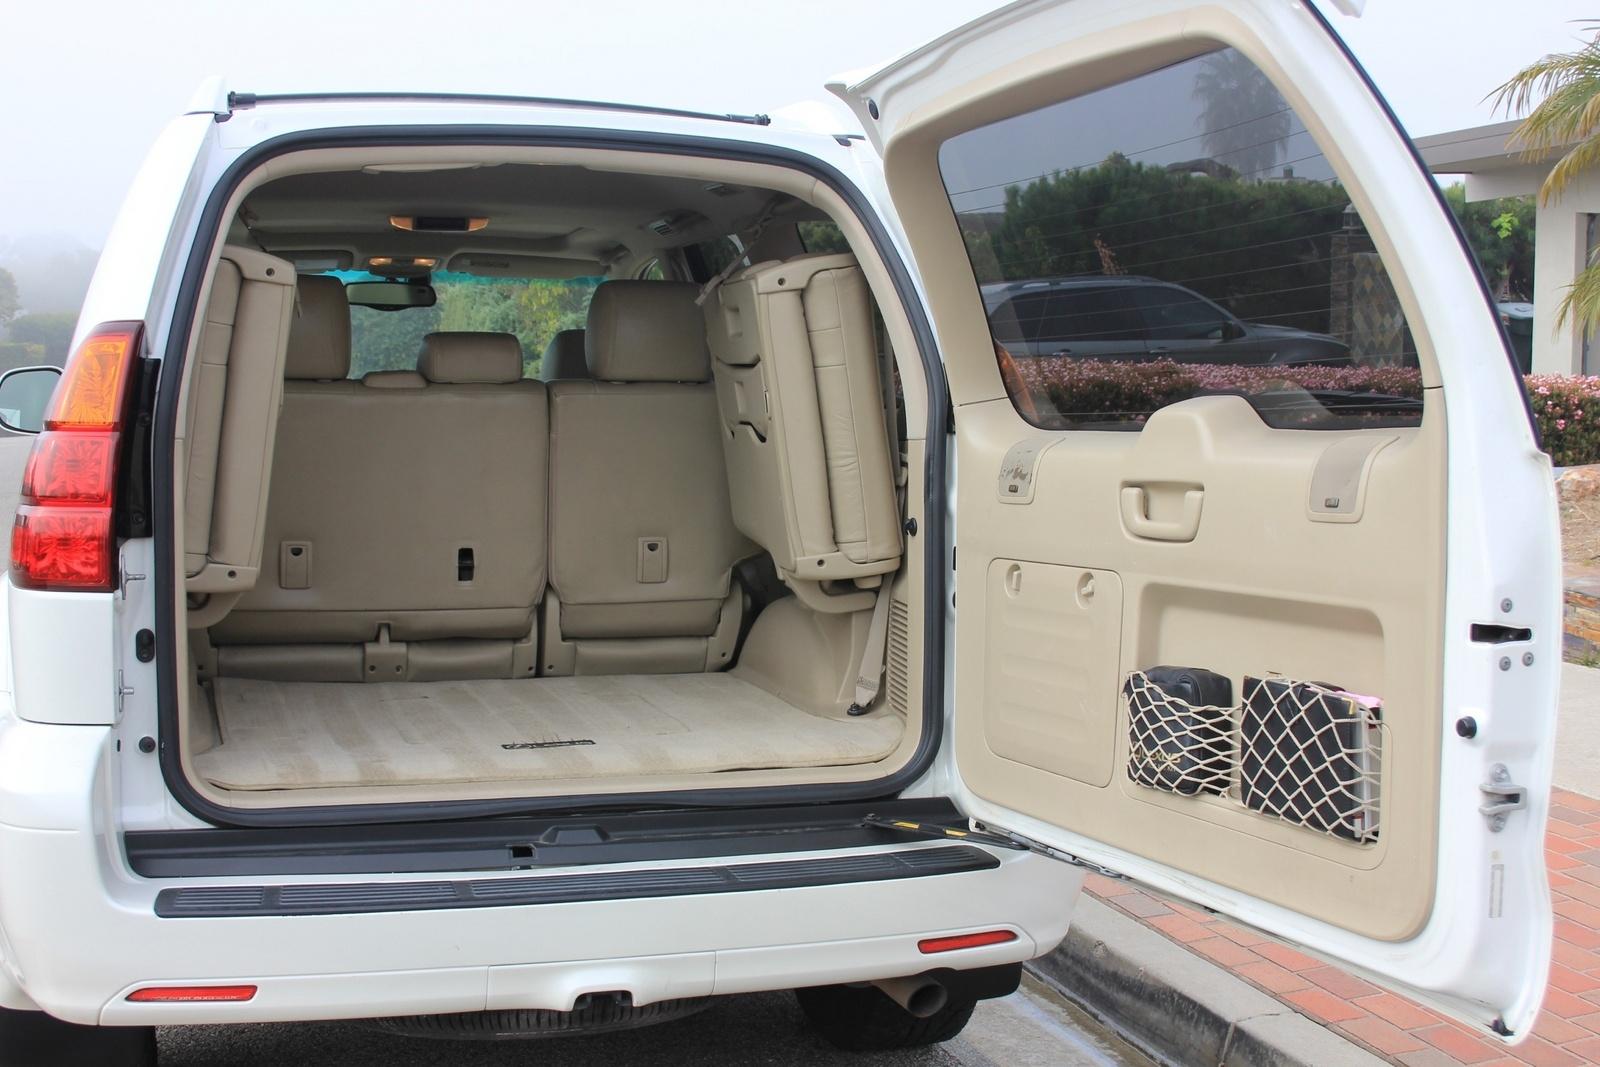 2004 Lexus GX 470 - Interior Pictures - CarGurus